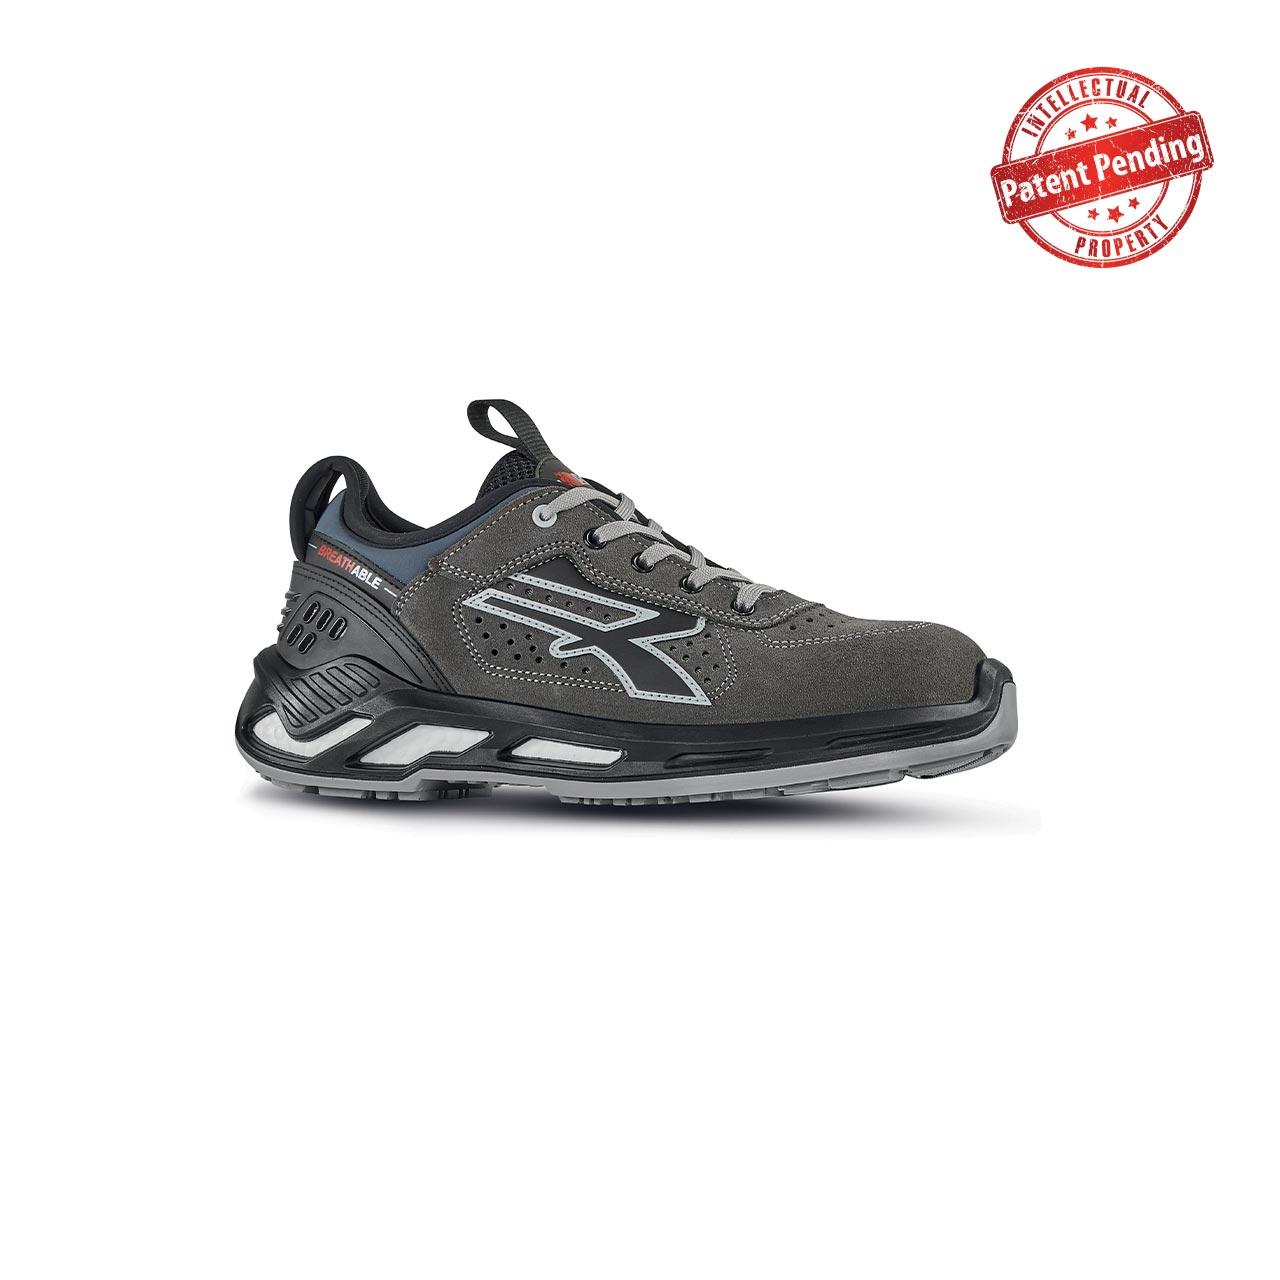 scarpa antinfortunistica upower modello aron linea red360 vista laterale